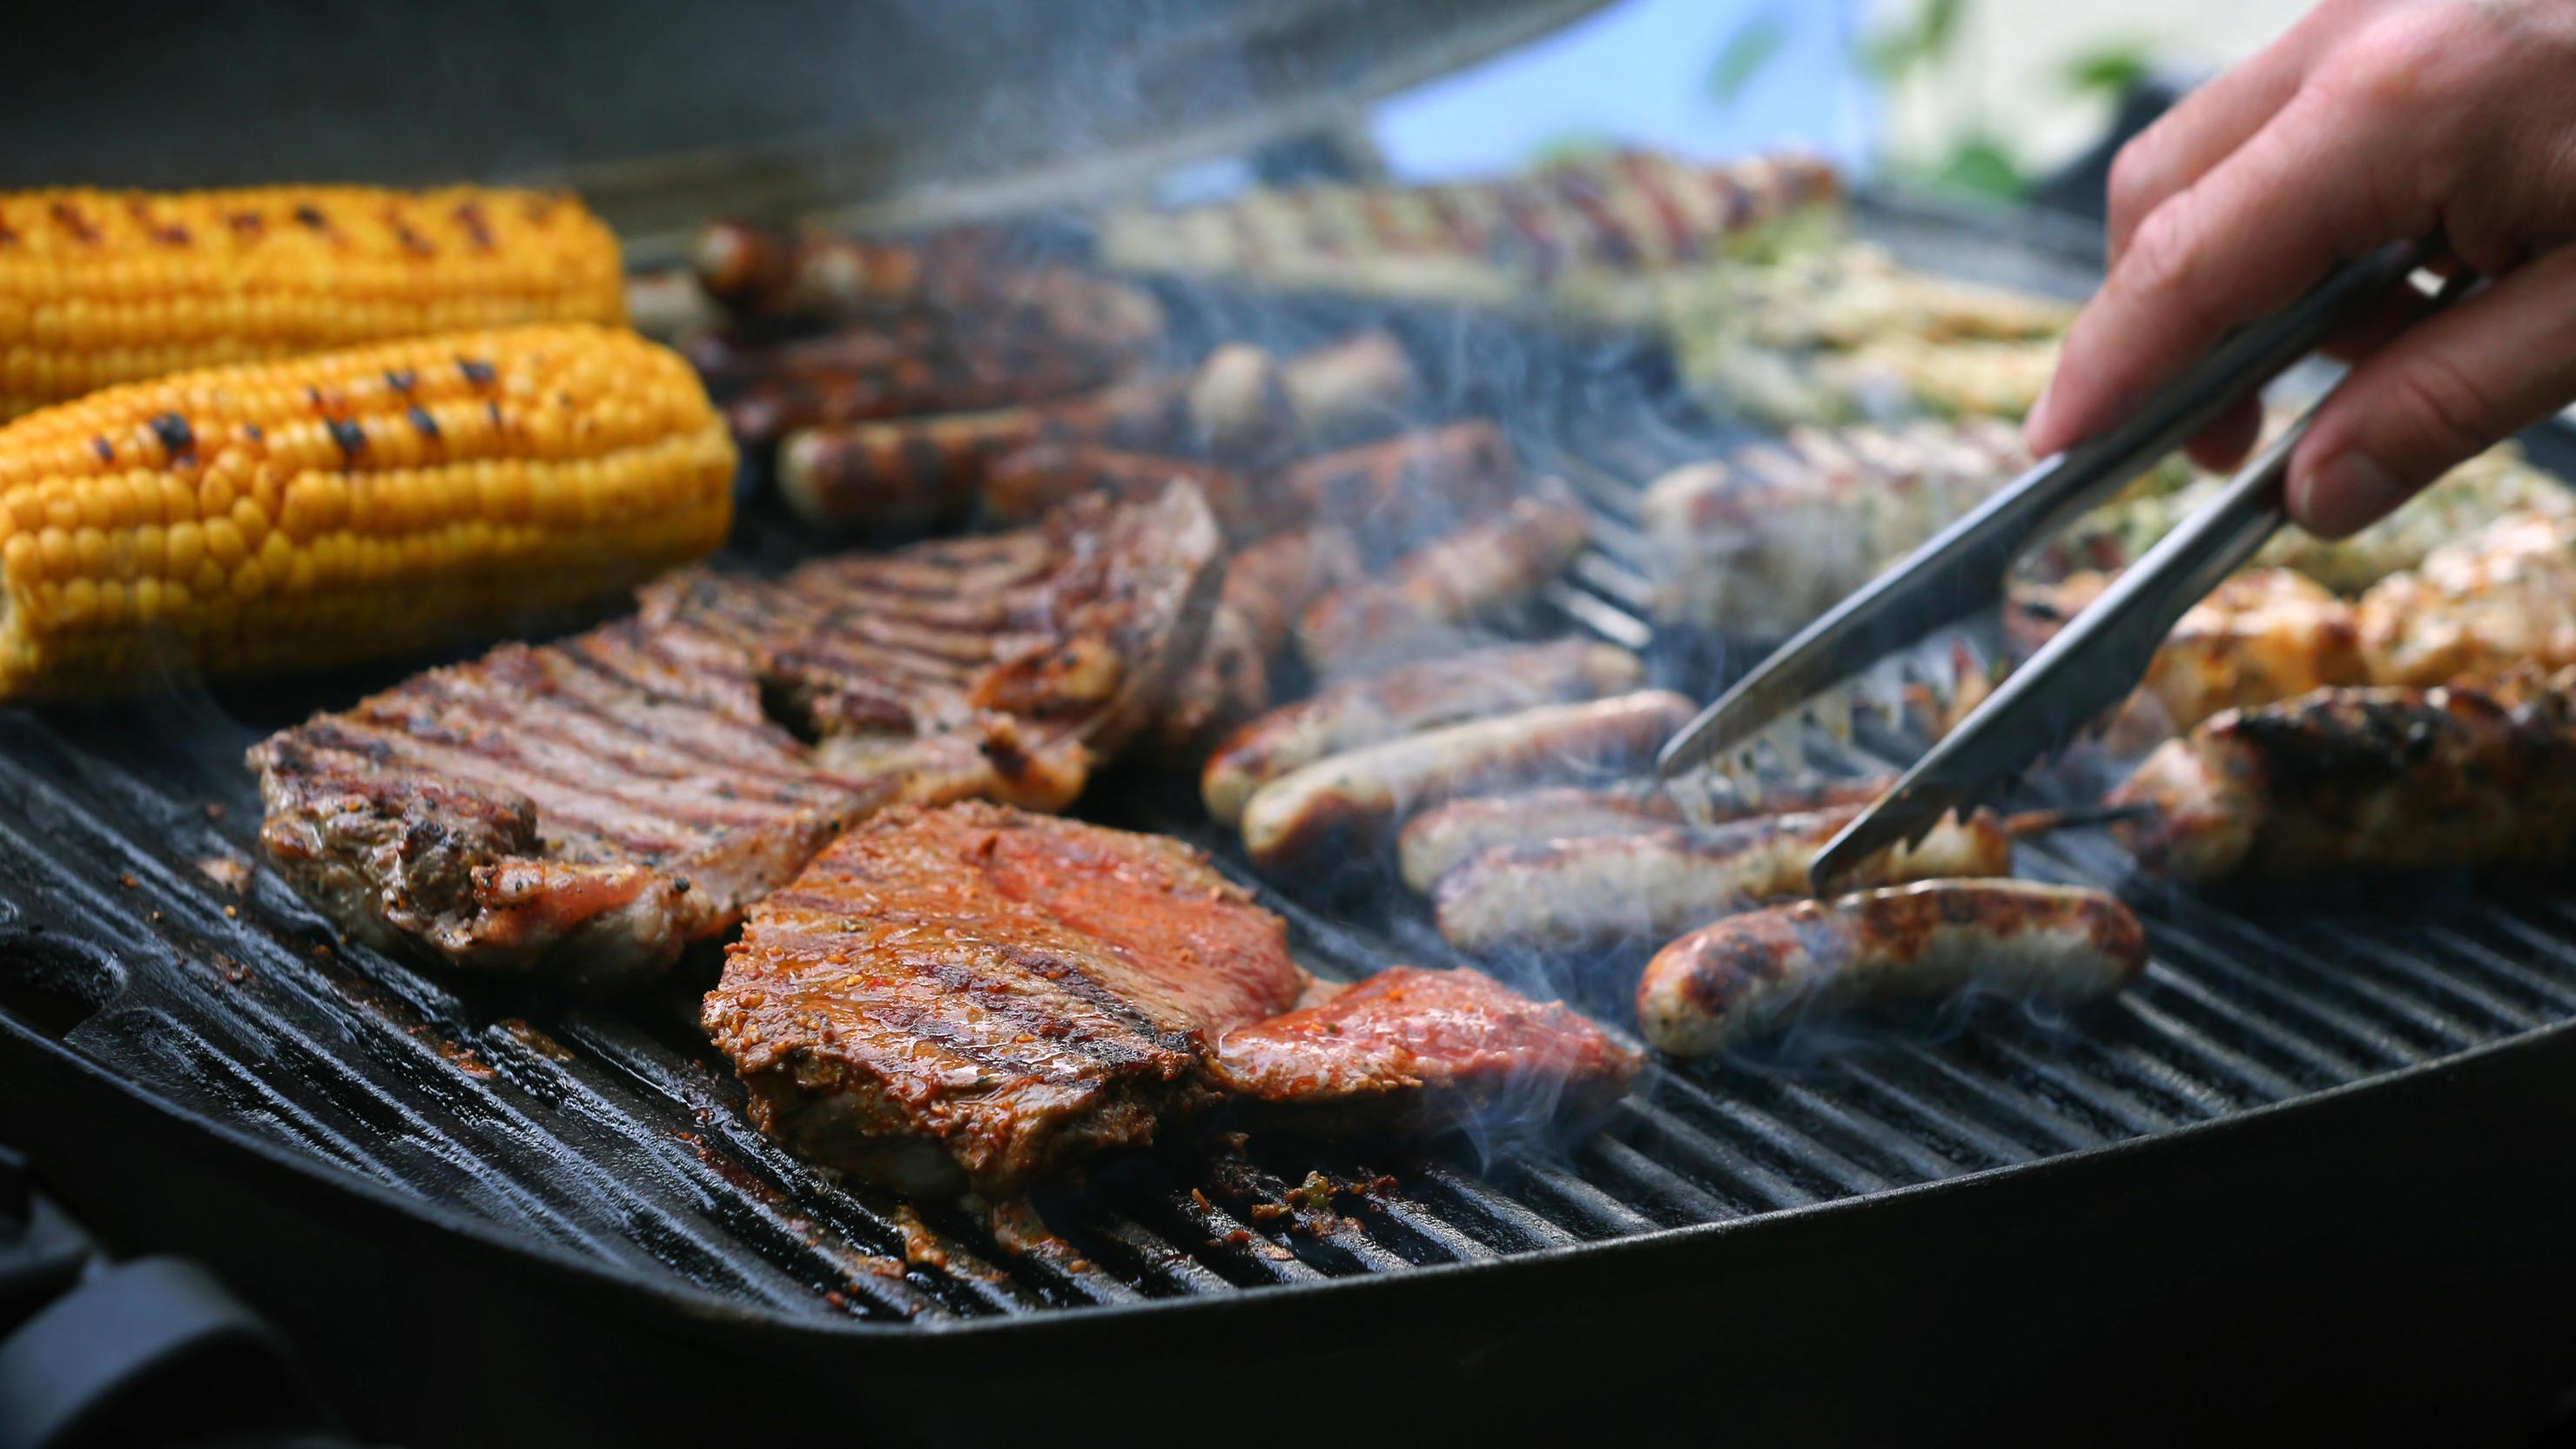 Welcher Gasgrill Für Zuhause : Gasgrill online kaufen schickling grill